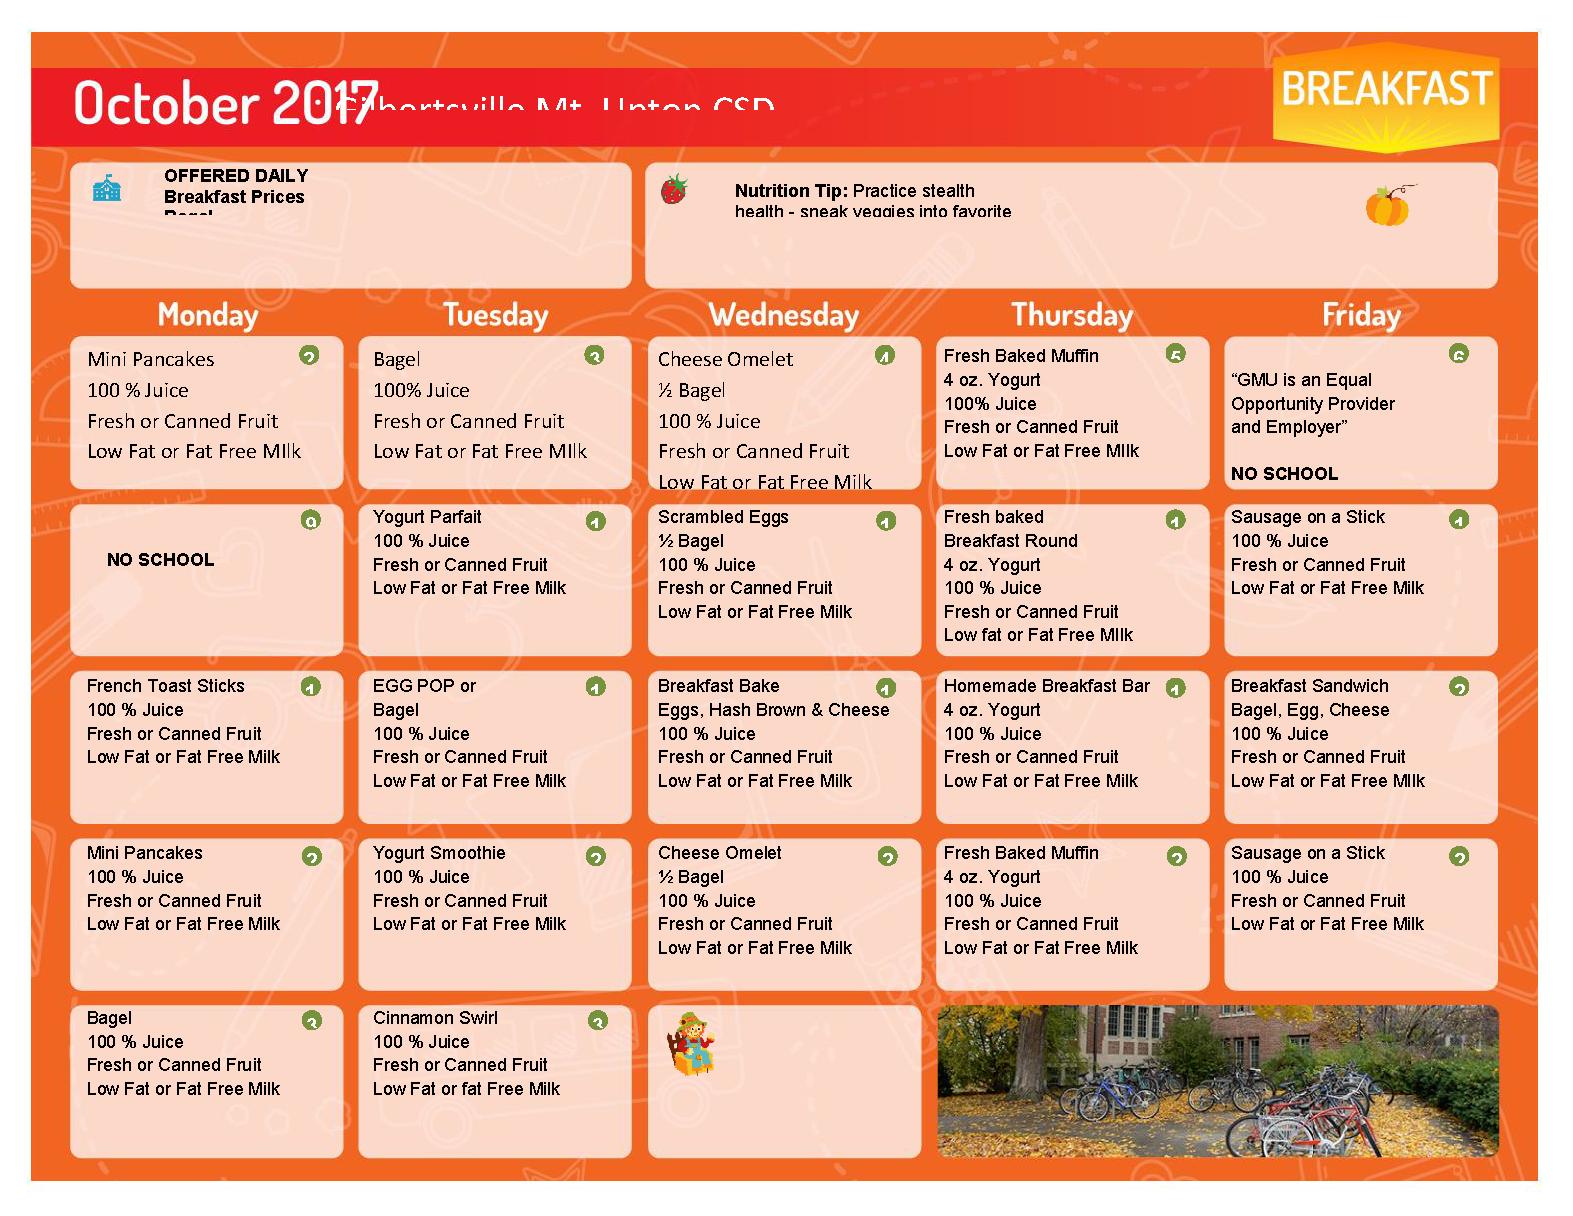 October 2017 Breakfast Menu